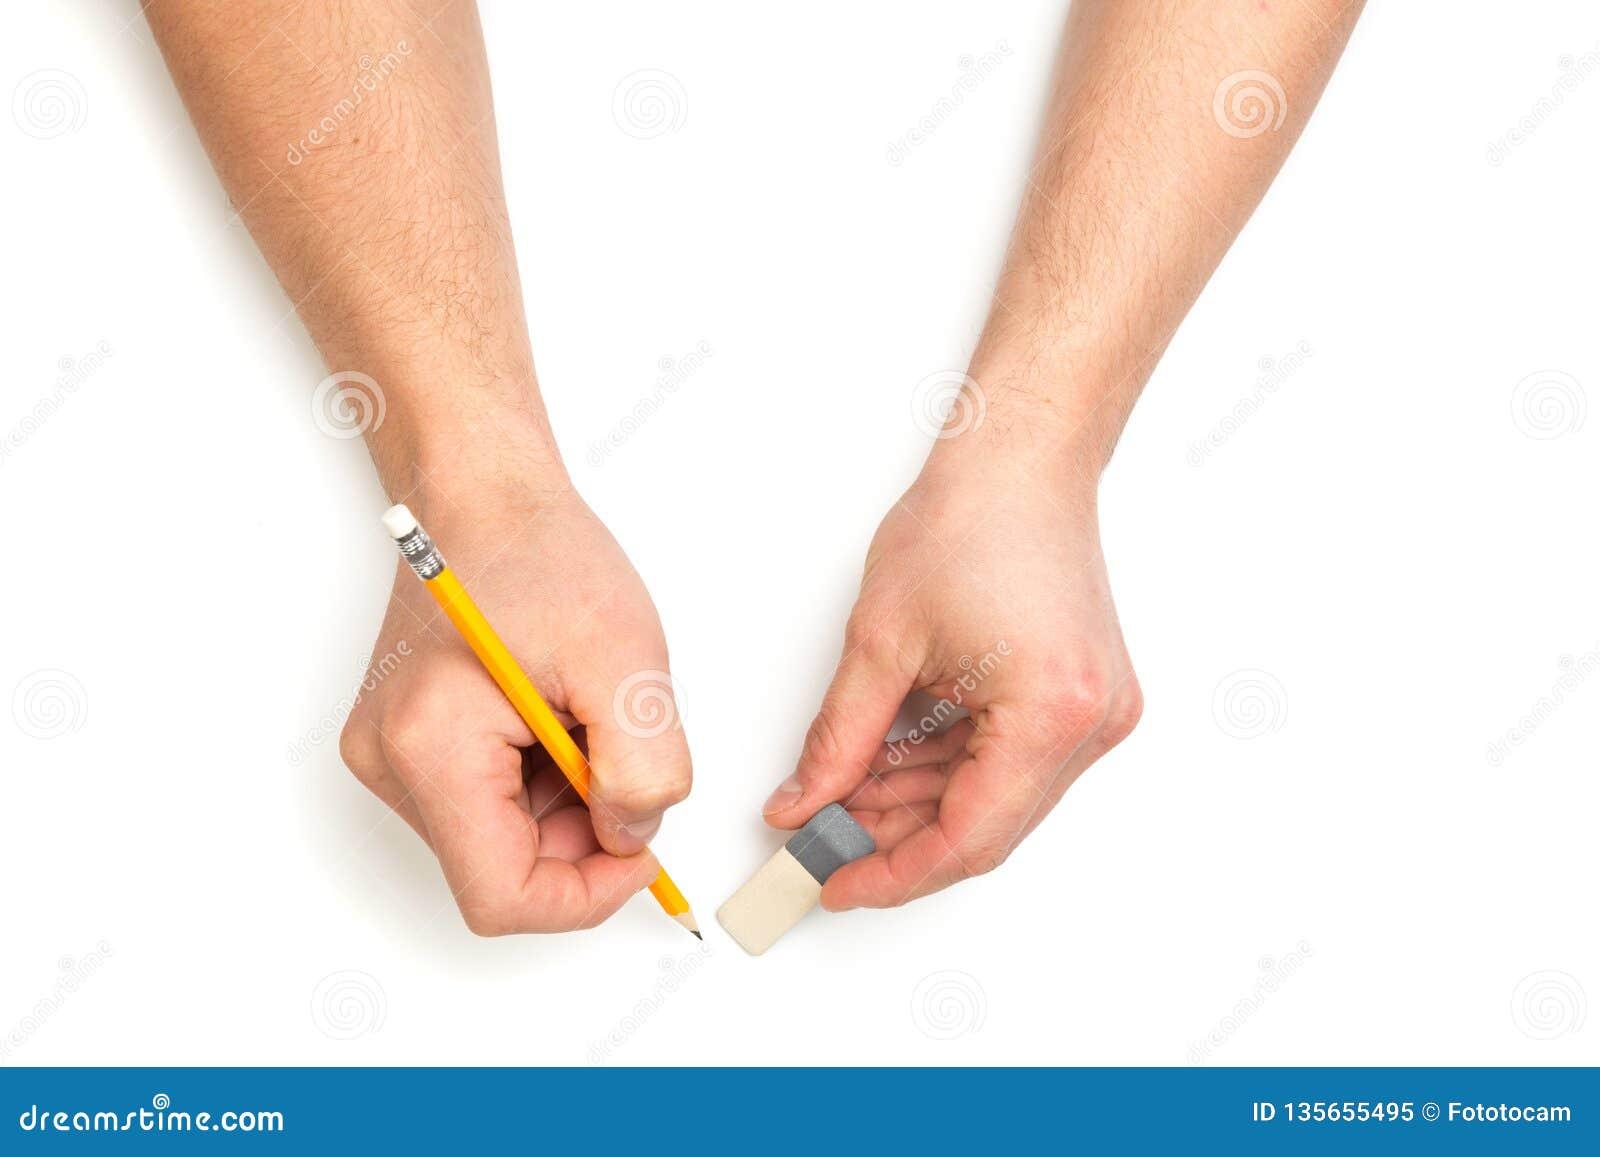 Die Hände des Mannes, die mit hölzernem Bleistift und eracer auf lokalisierten weißen Hintergrund mit Textplatz schreiben